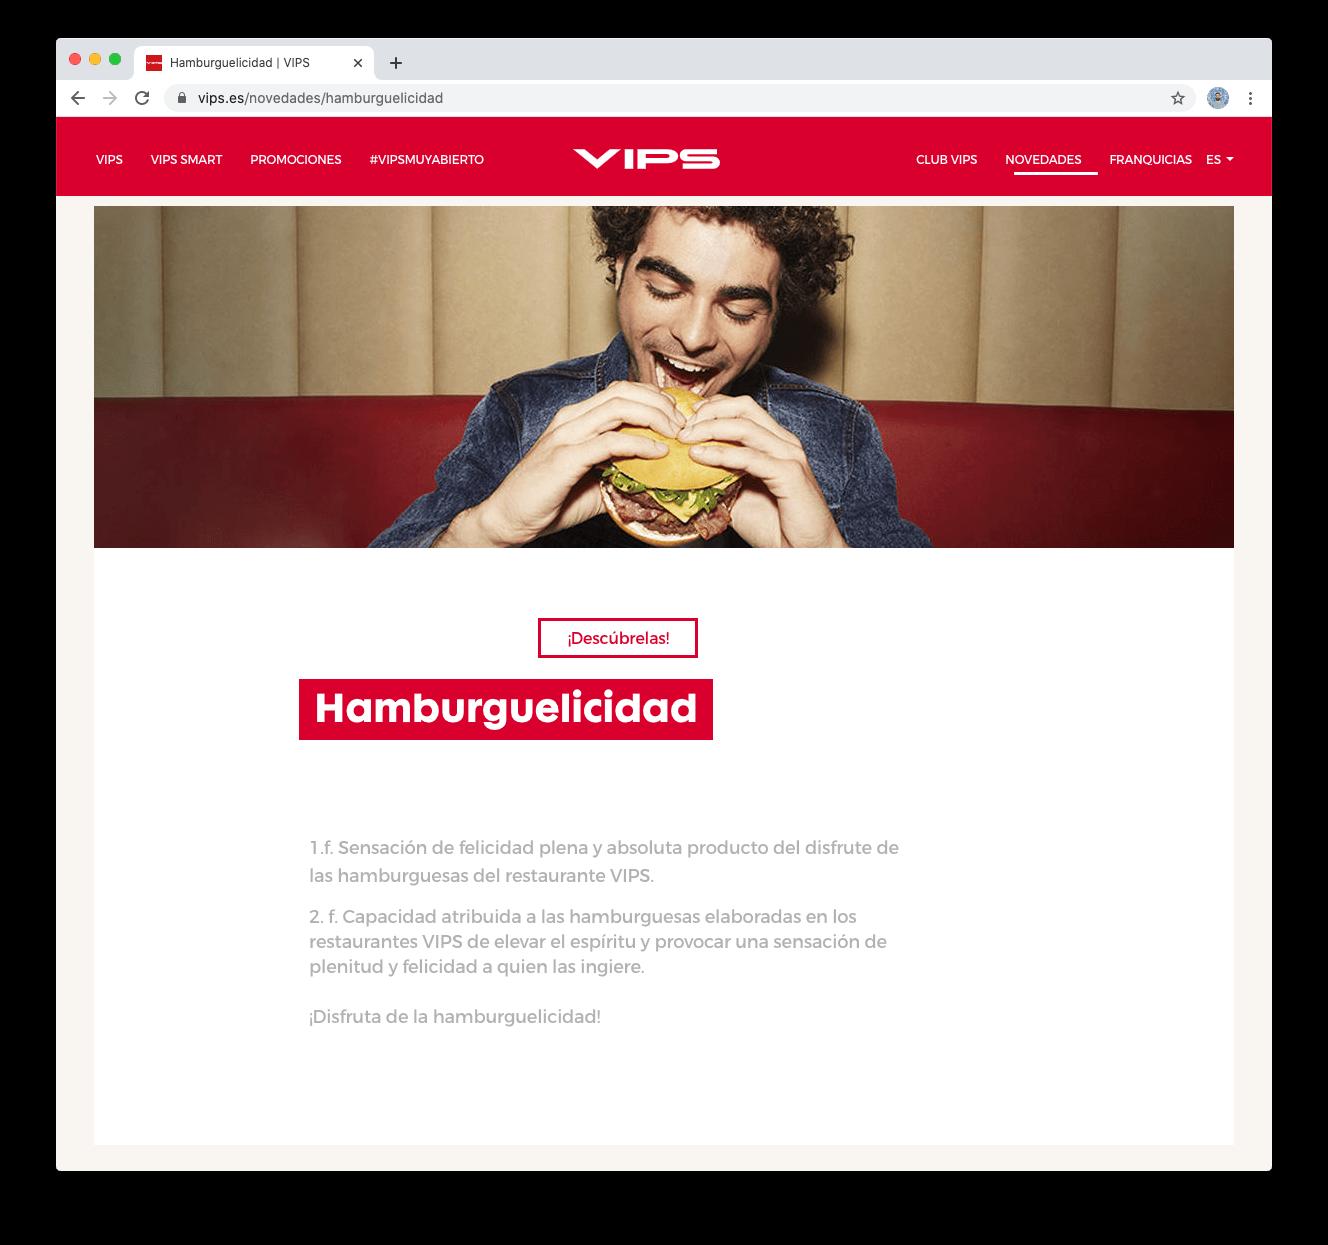 palabras-inventadas-publicidad-hamburguelicidad